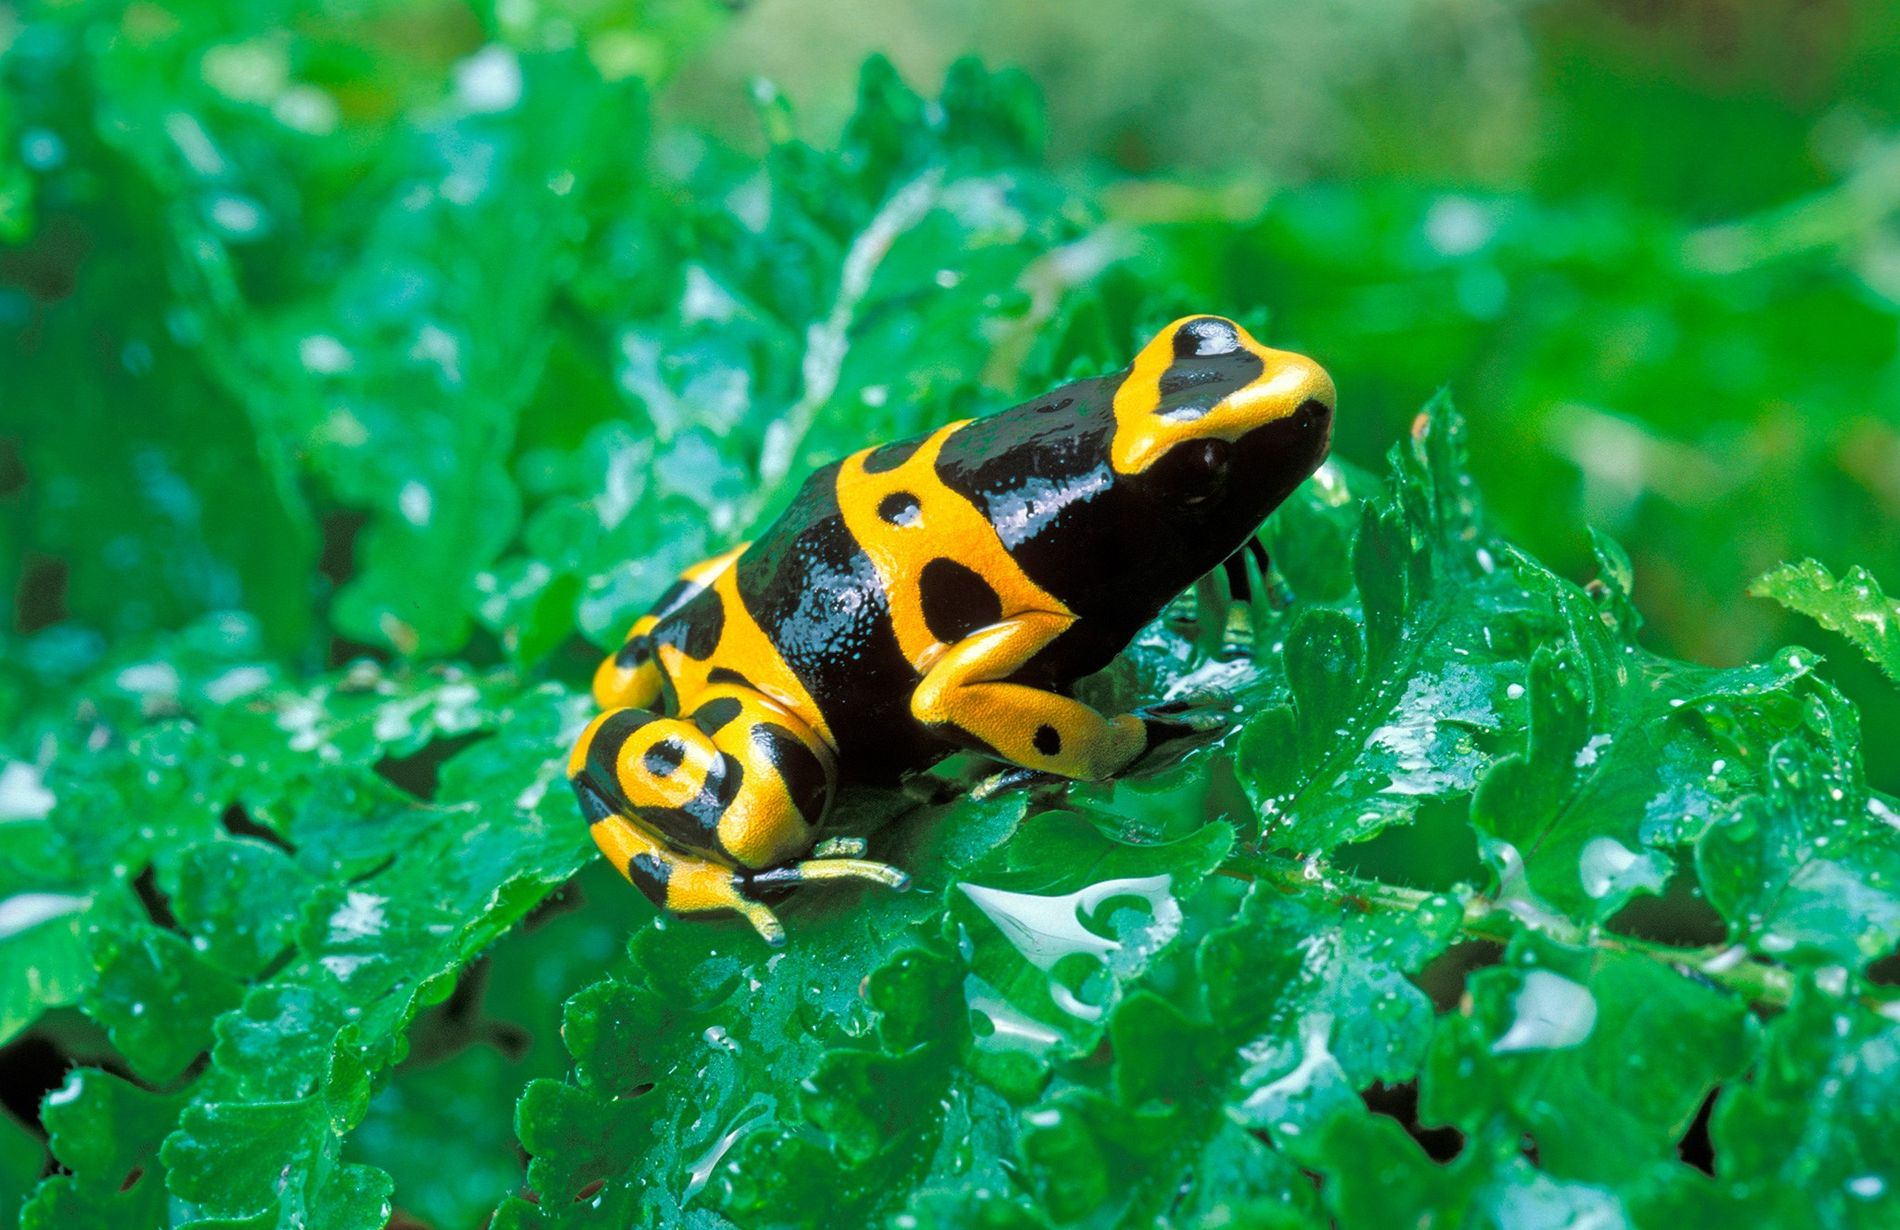 Les taches qui ornent la grenouille à flèches empoisonnées de l'espèce Dendrobates leucomelas diffèrent légèrement d'une ...